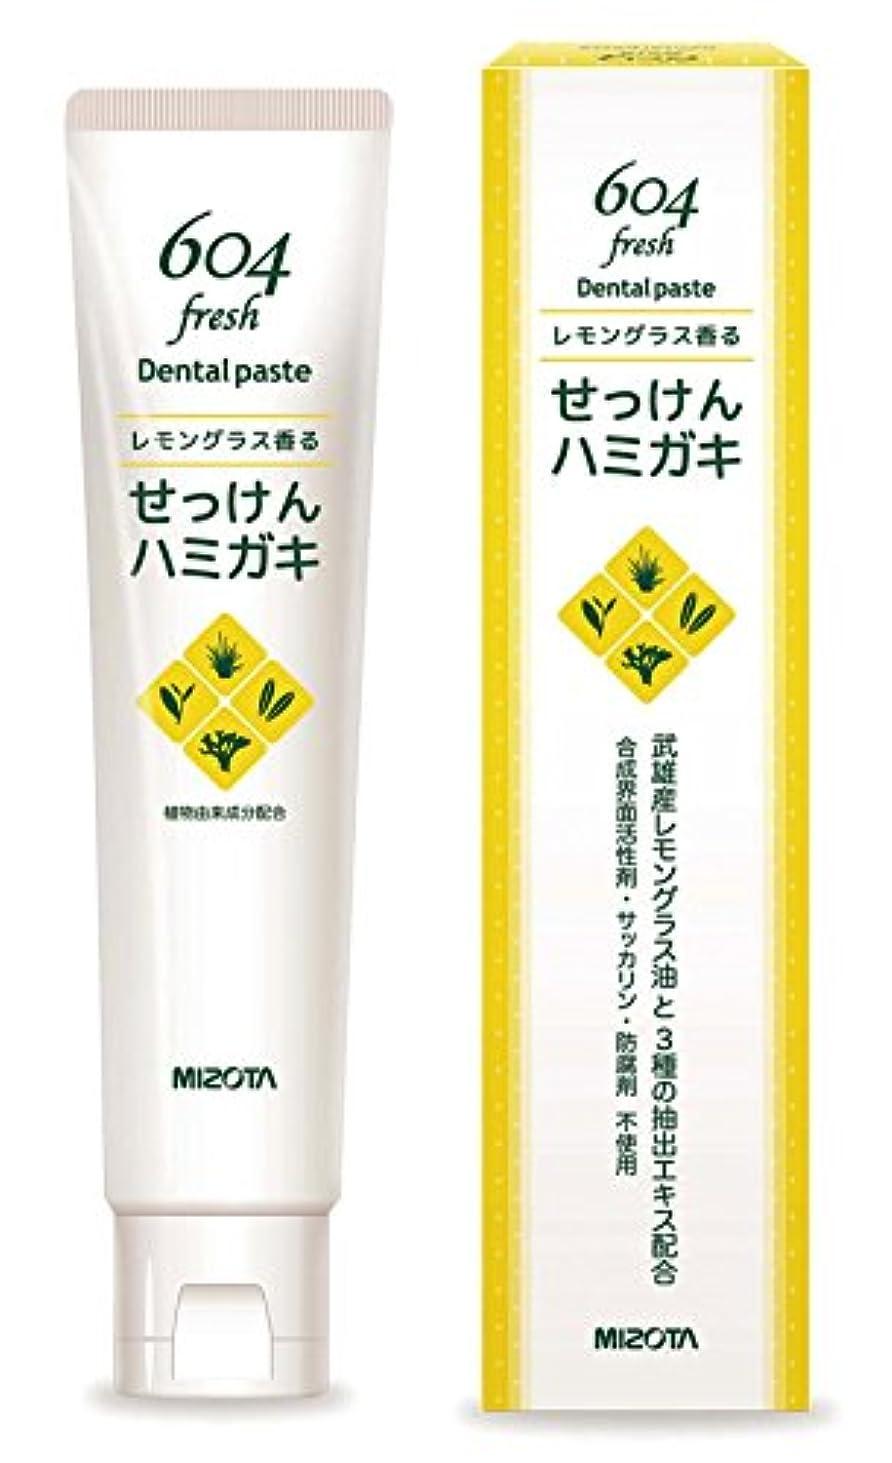 飲料生活綺麗なミゾタ604石鹸ハミガキ